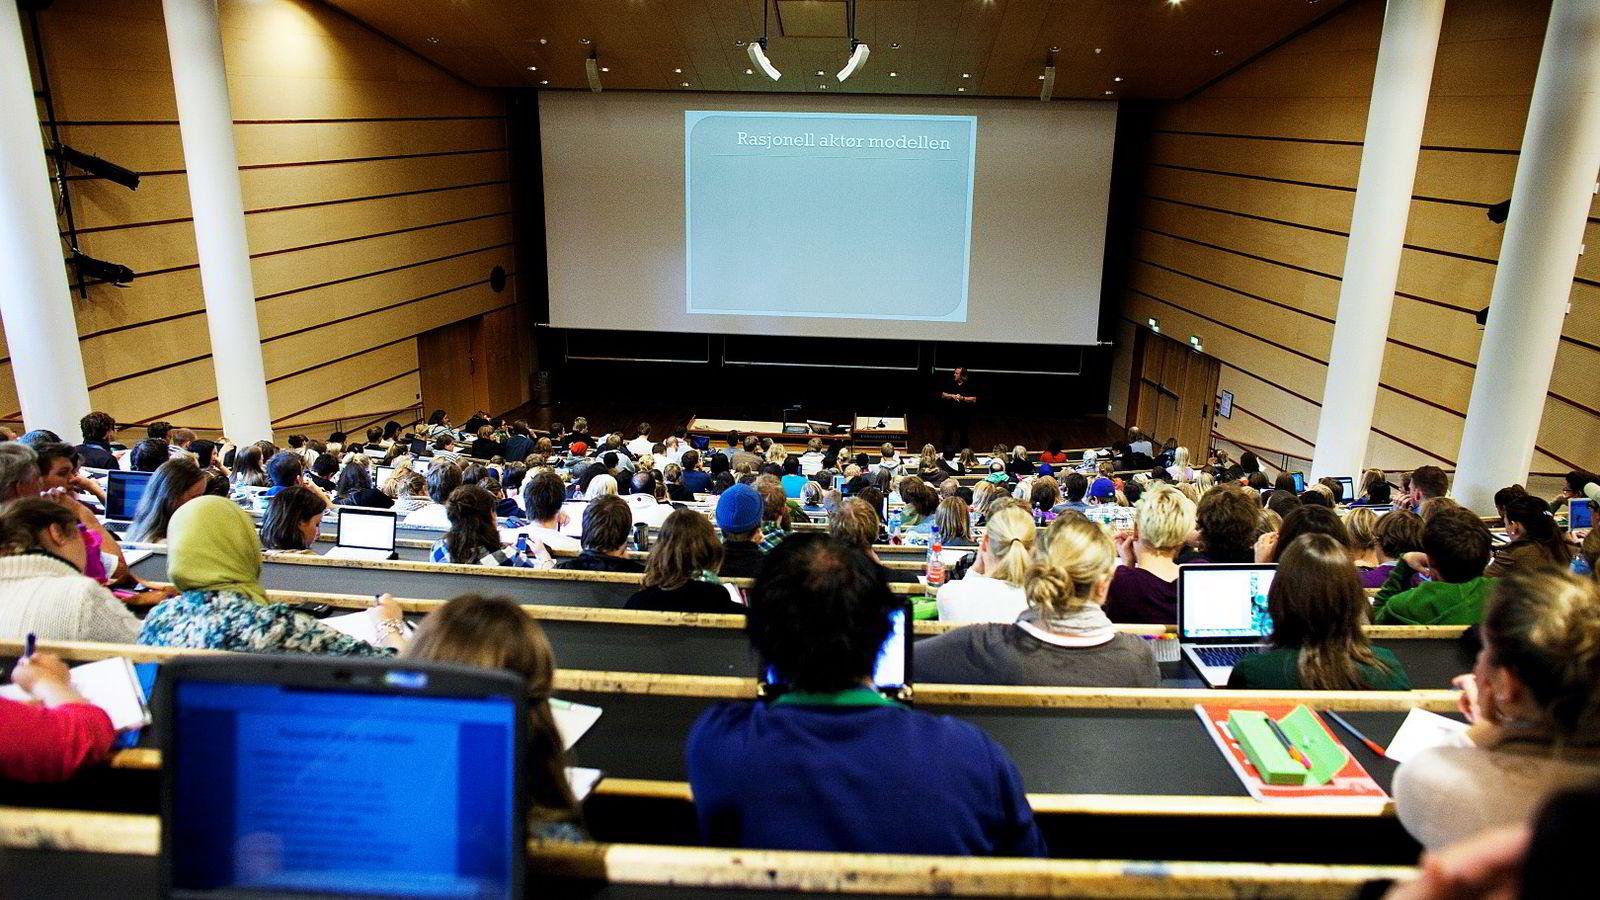 Ensidig statlig finansiering gjør Universitetet i Oslo dårligere, konkluderer en internasjonal ekspertgruppe.